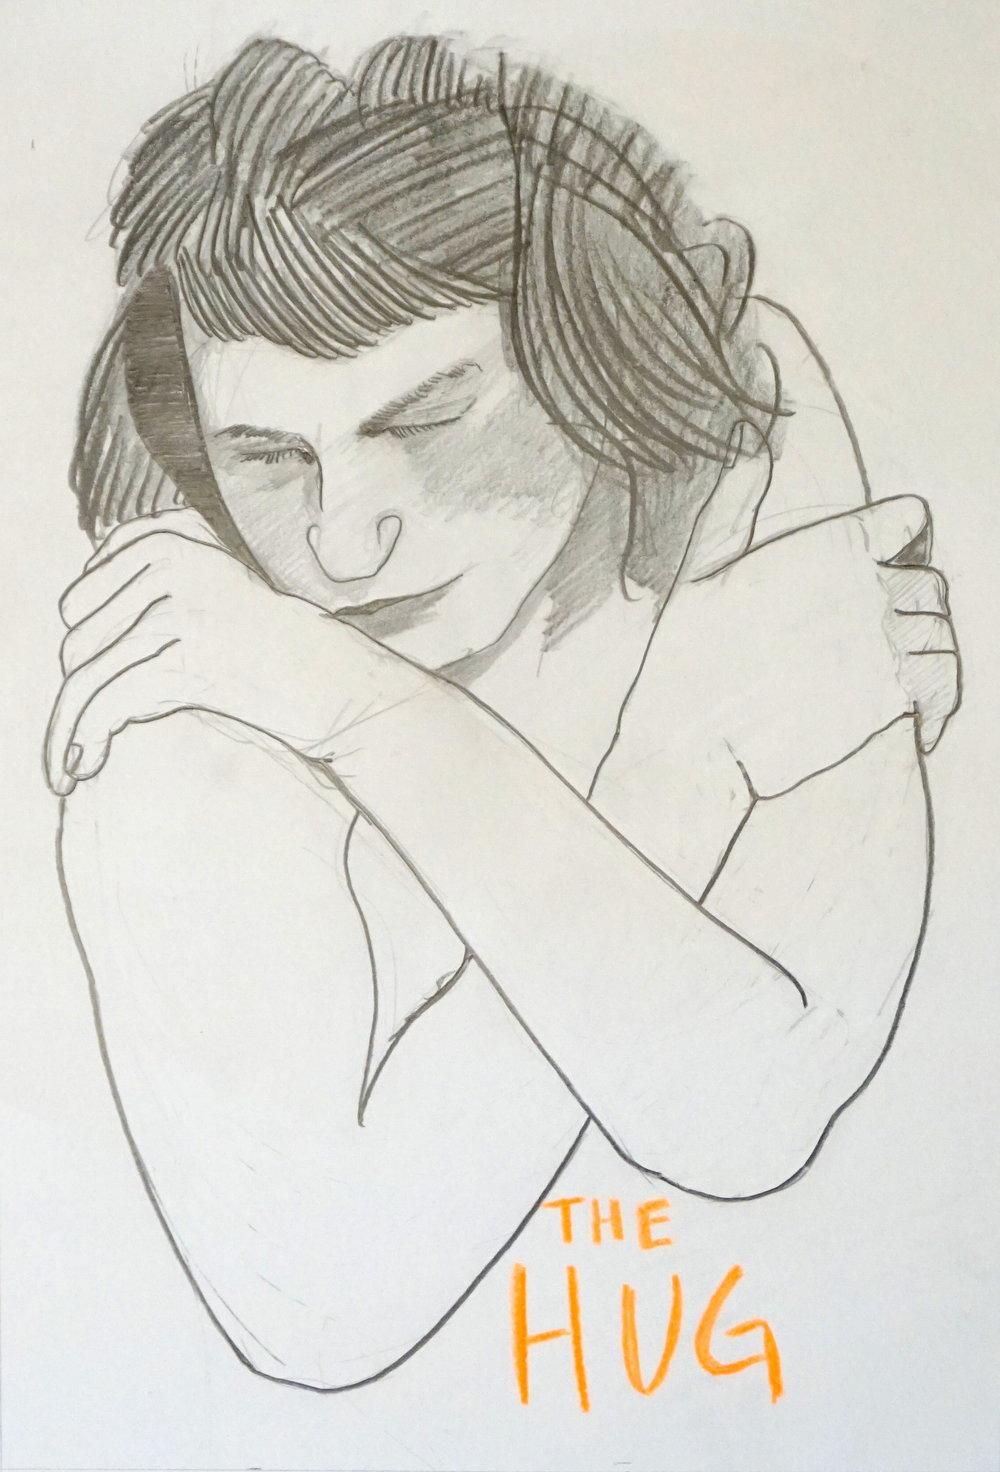 mirav-the-hug-kerbi-urbanowski.JPG